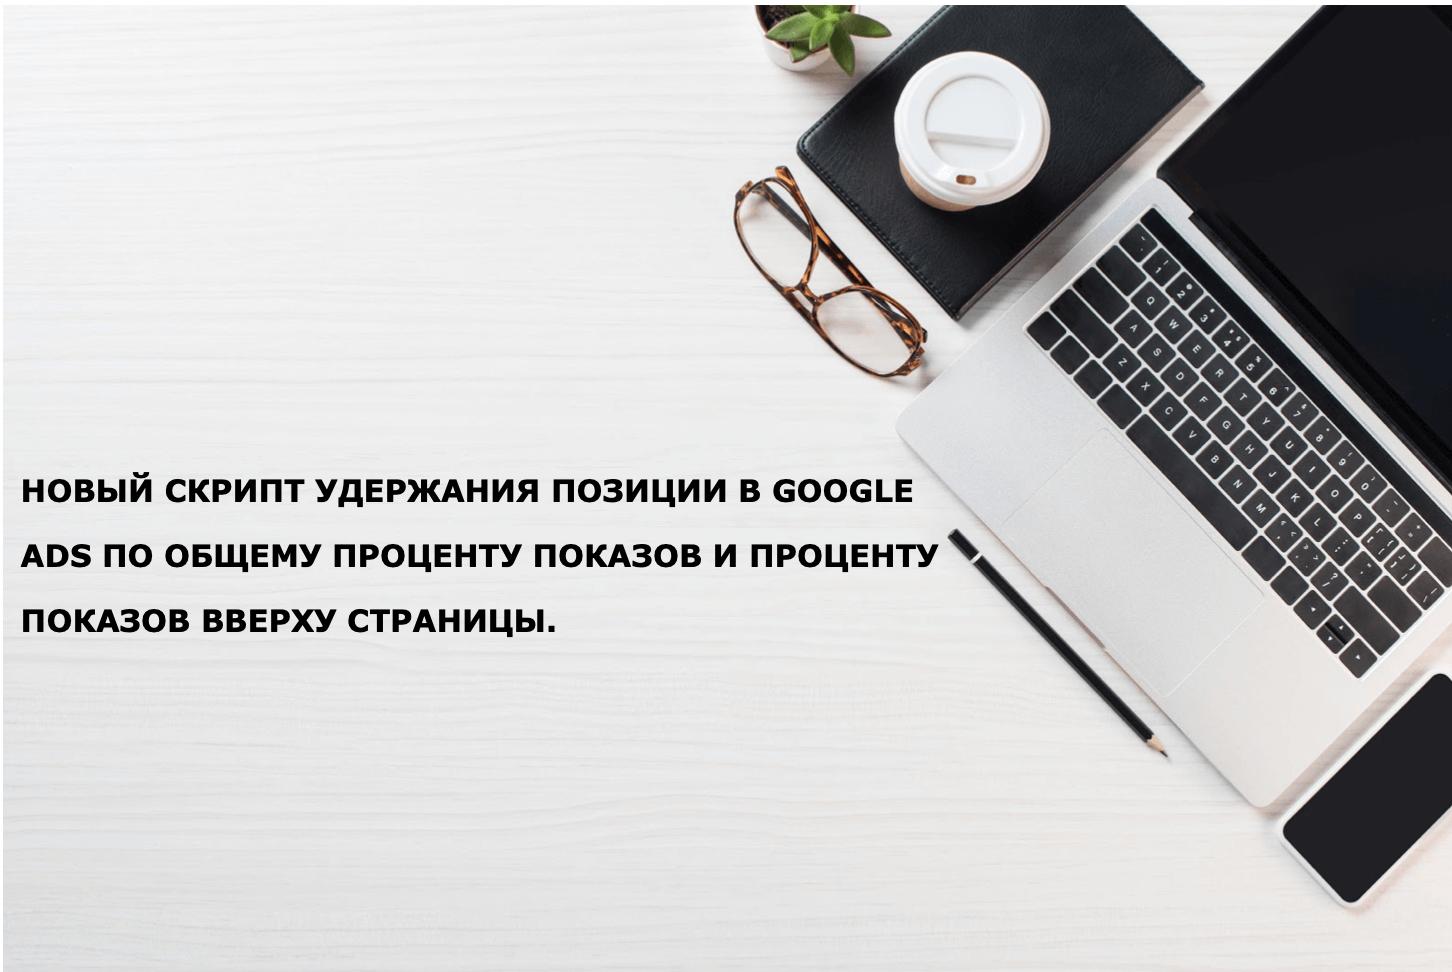 Новый скрипт удержания позиции в Google Ads по общему проценту показов и проценту показов вверху страницы.